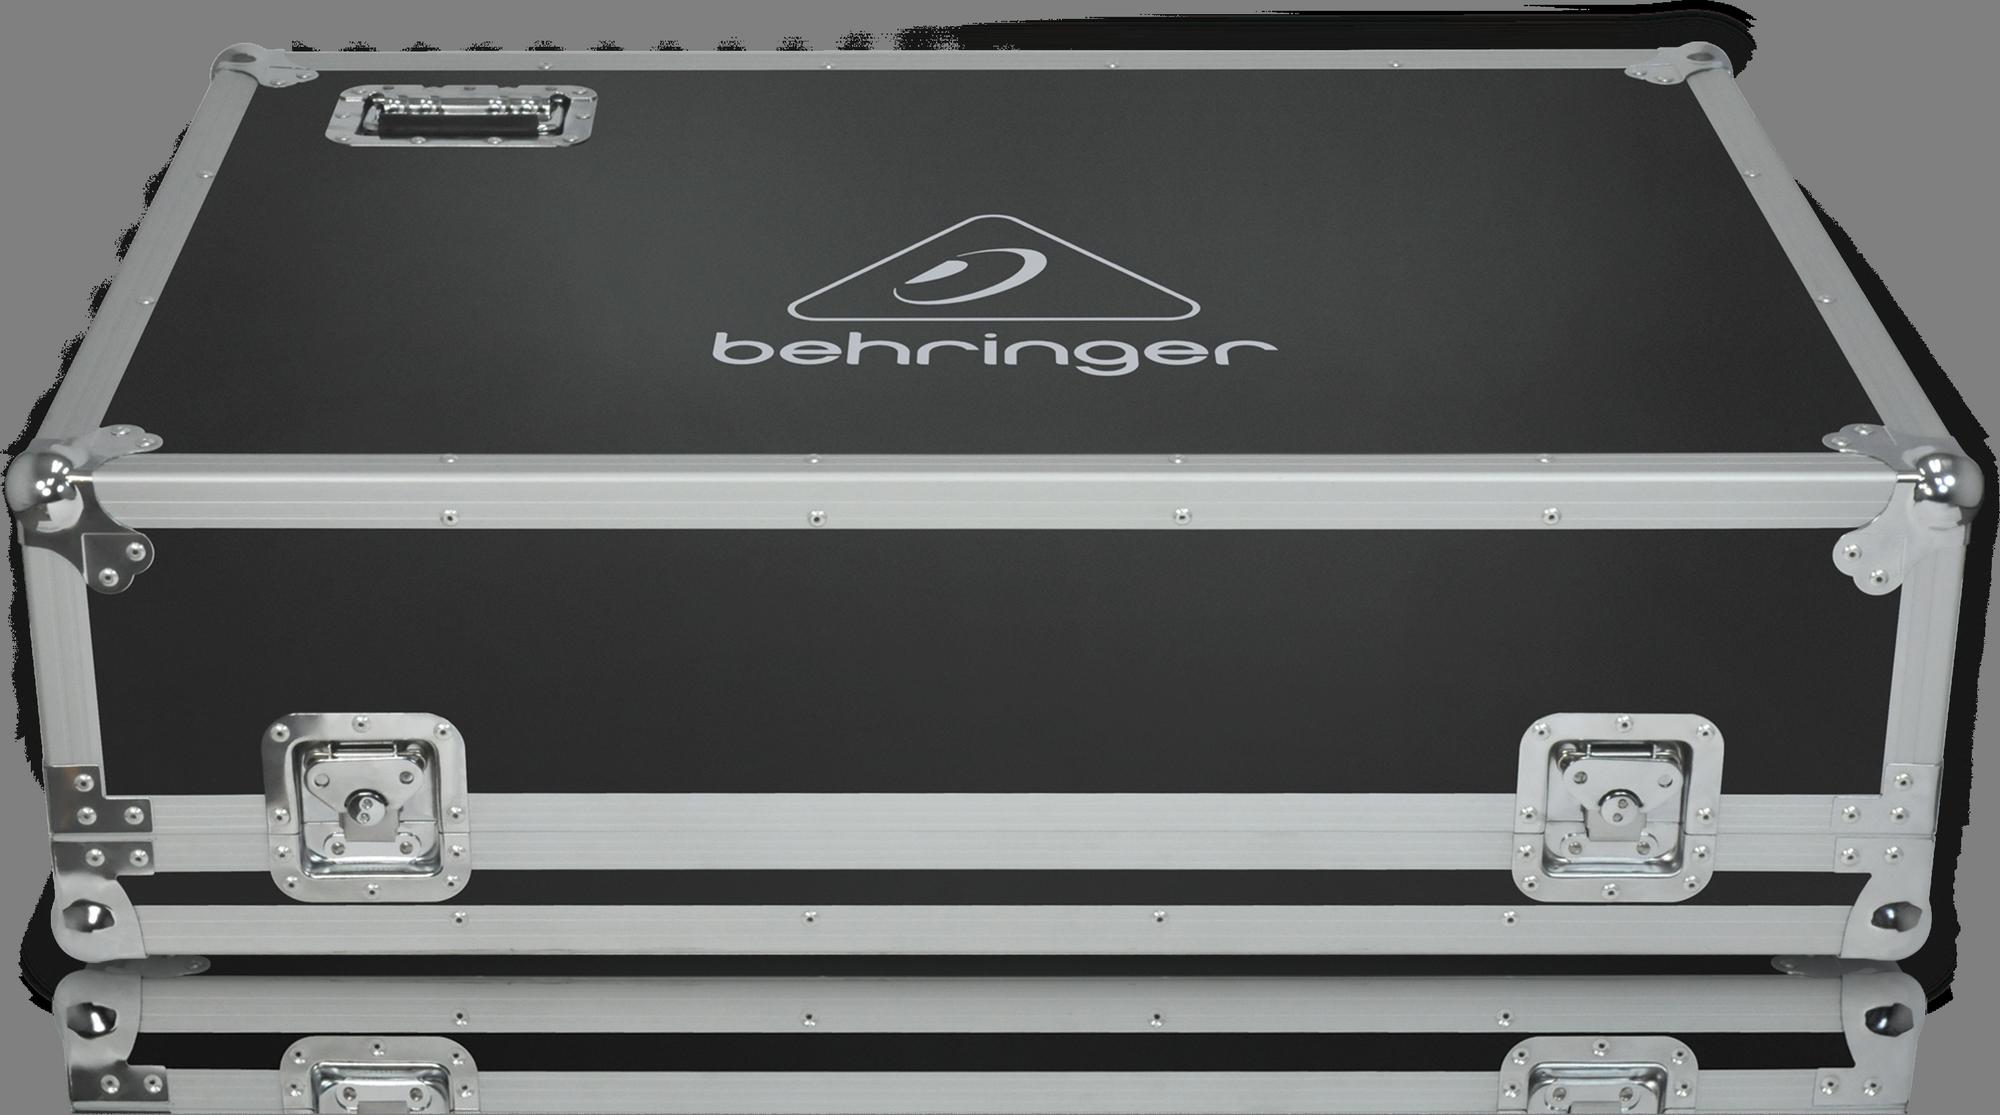 Behringer X32-TP